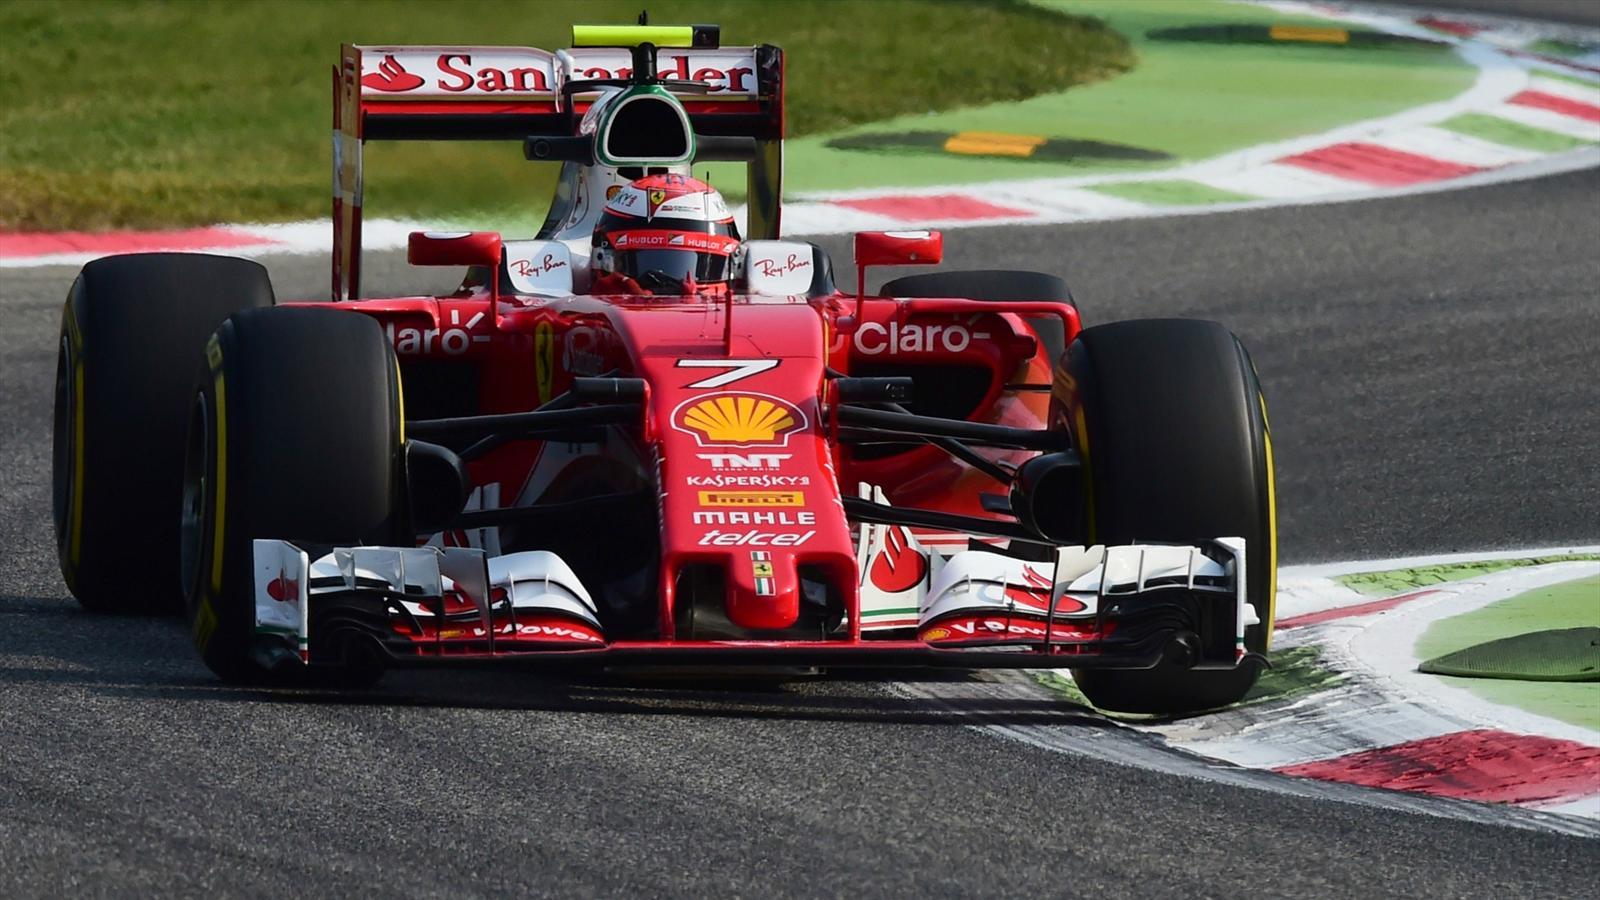 Формула-1 Гран-При Италии Гонка 6.09.2020 смотреть онлайн